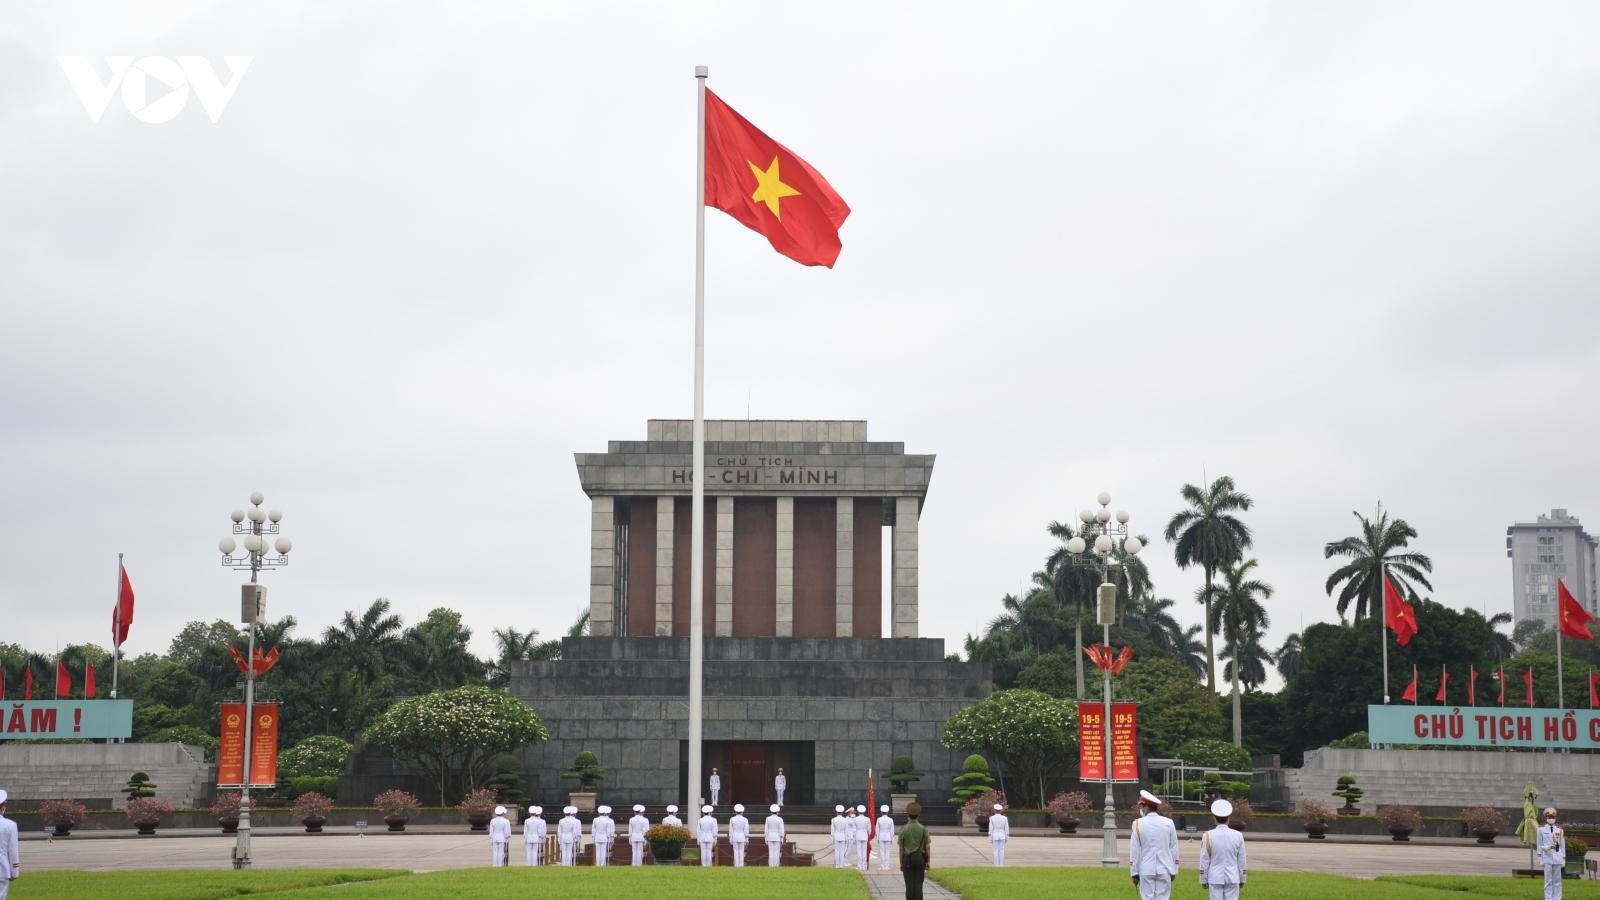 Lễ thượng cờ tại quảng trường Ba Đình và 5 triệu cử tri Hà Nội thực hiện quyền công dân